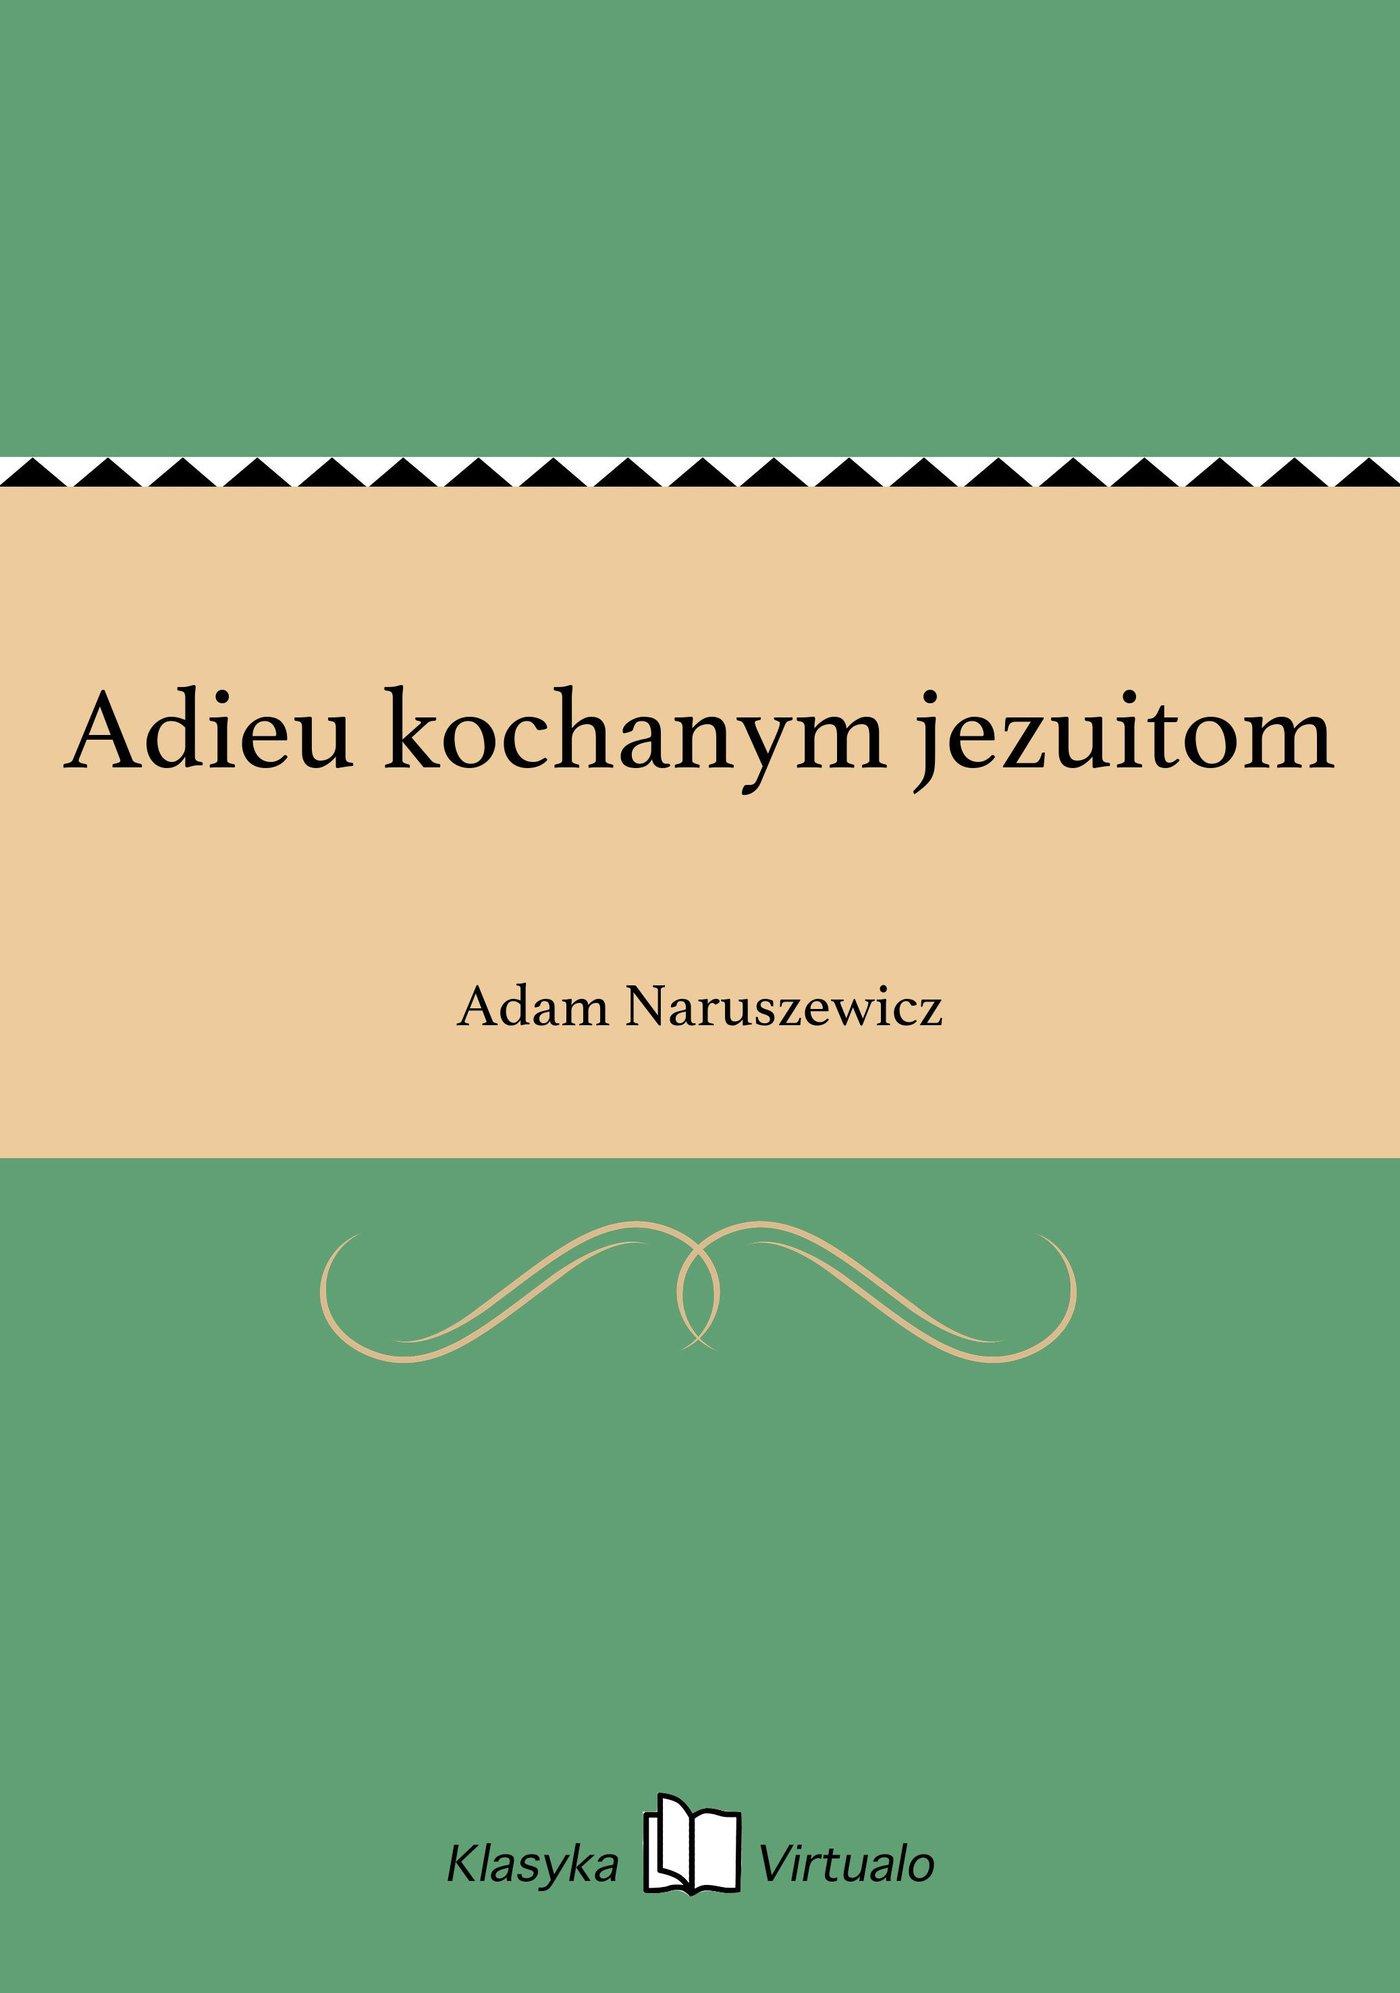 Adieu kochanym jezuitom - Ebook (Książka na Kindle) do pobrania w formacie MOBI